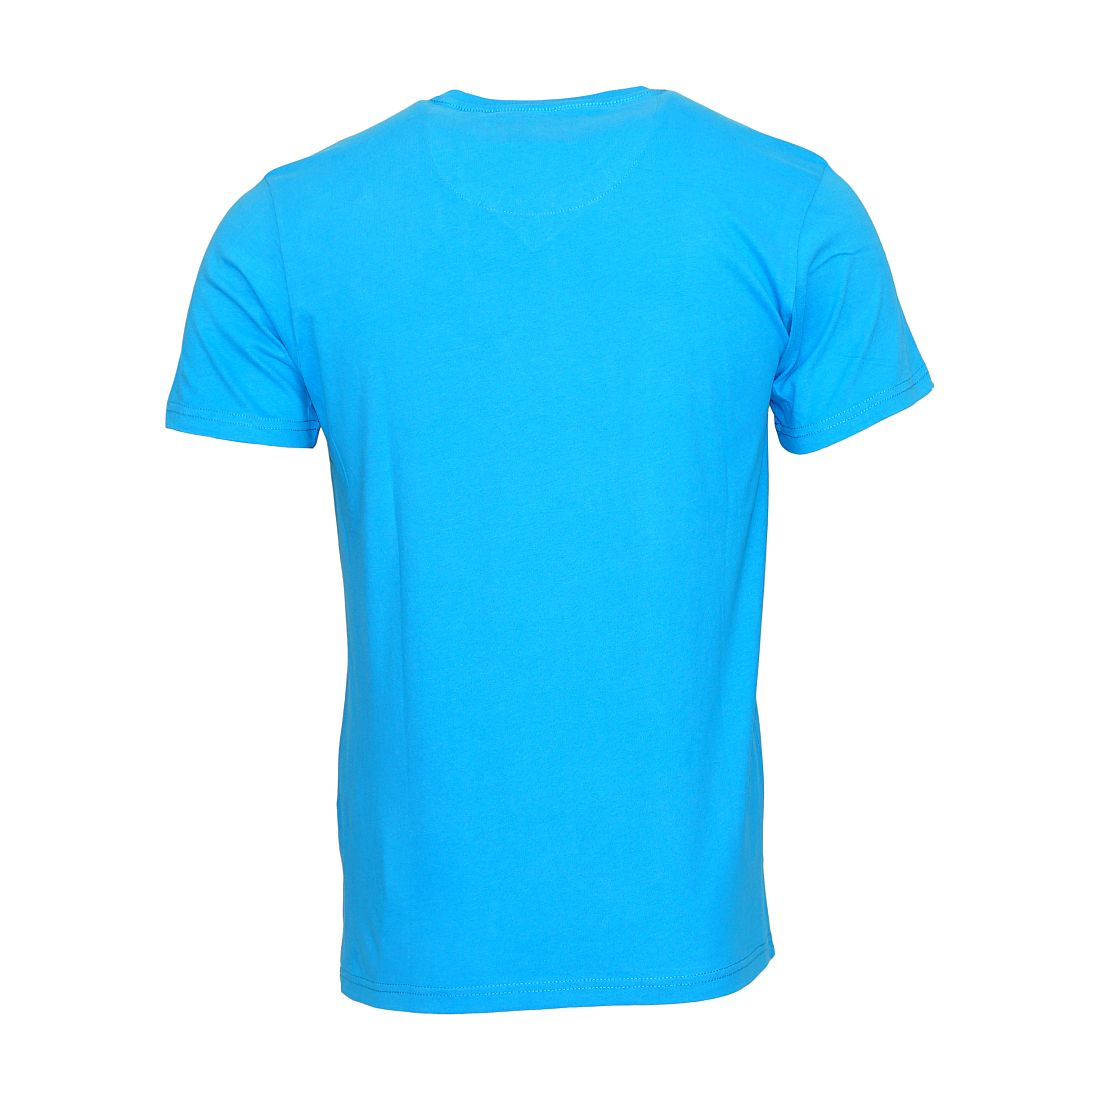 Petrol Industries T-Shirt Shirt hellblau MSP SS16 TSV823 552